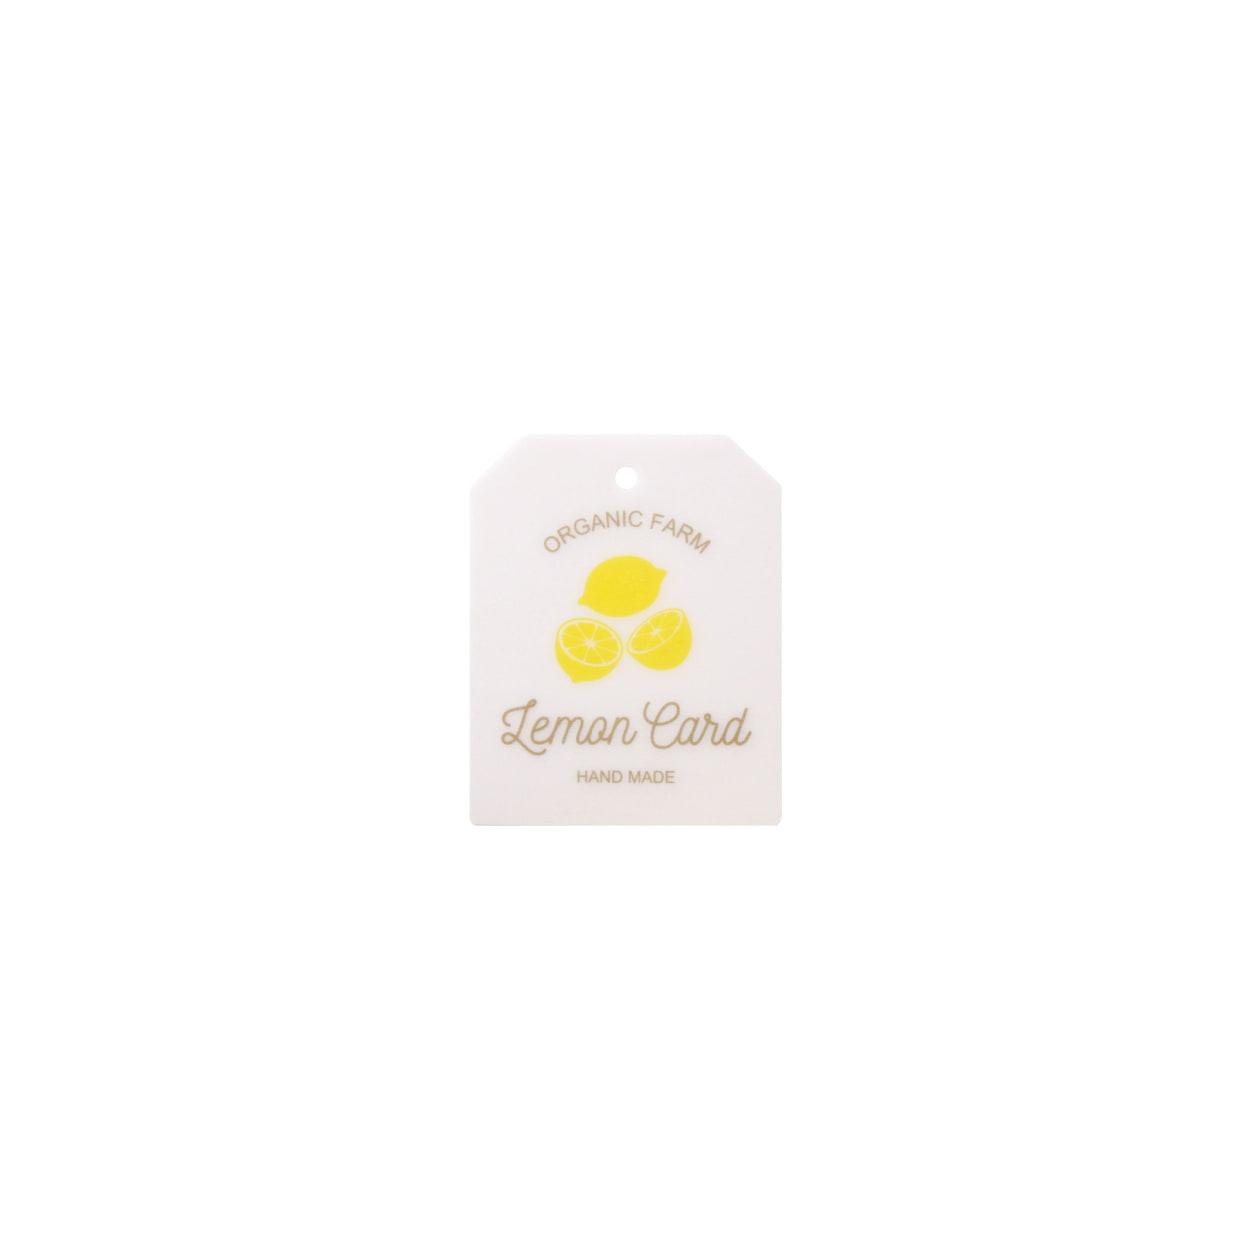 サンプル カード・シート 00078